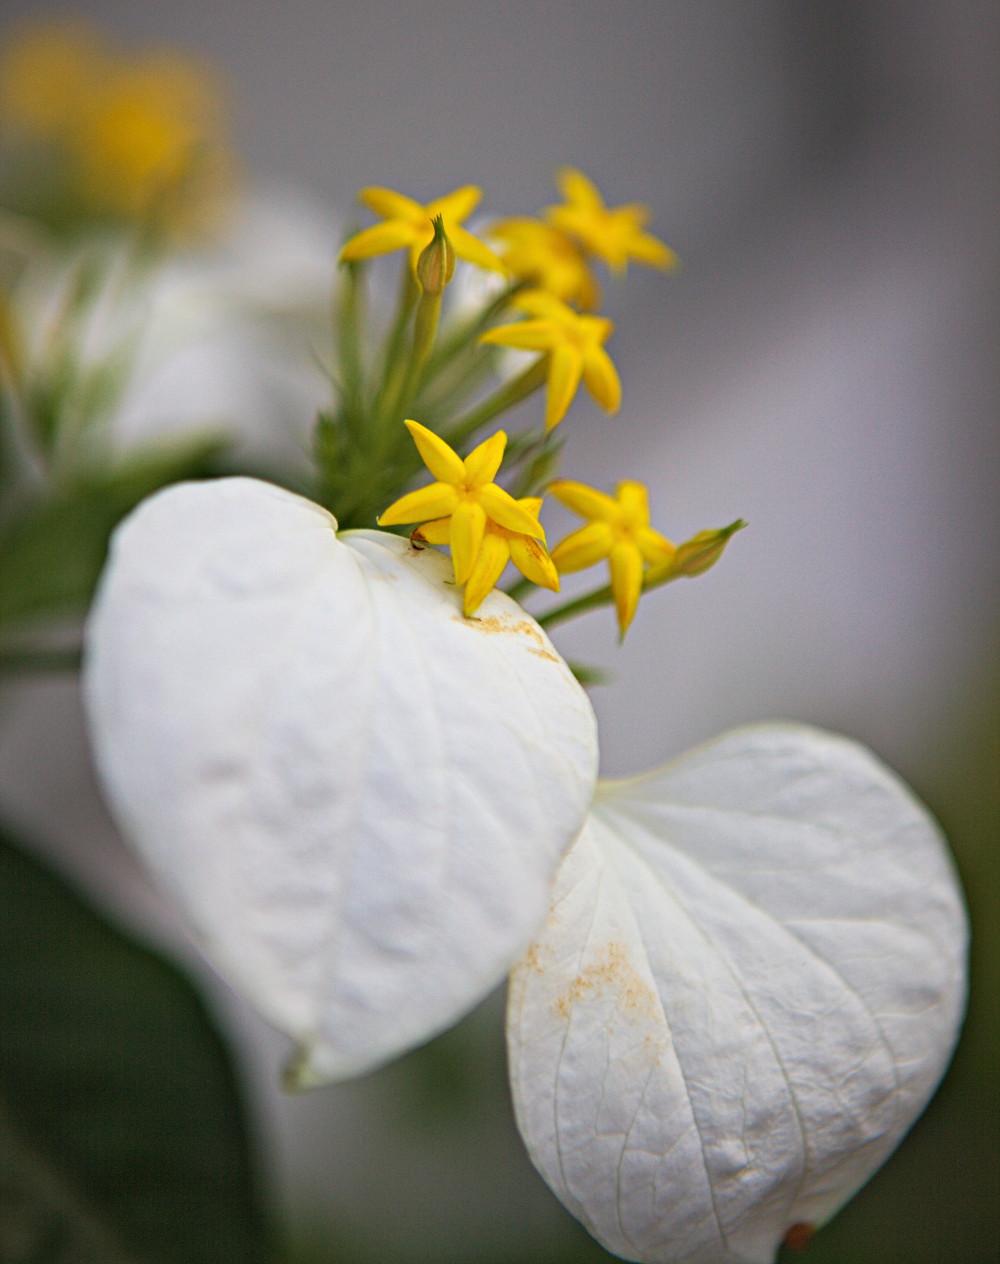 japon kyoto fleur